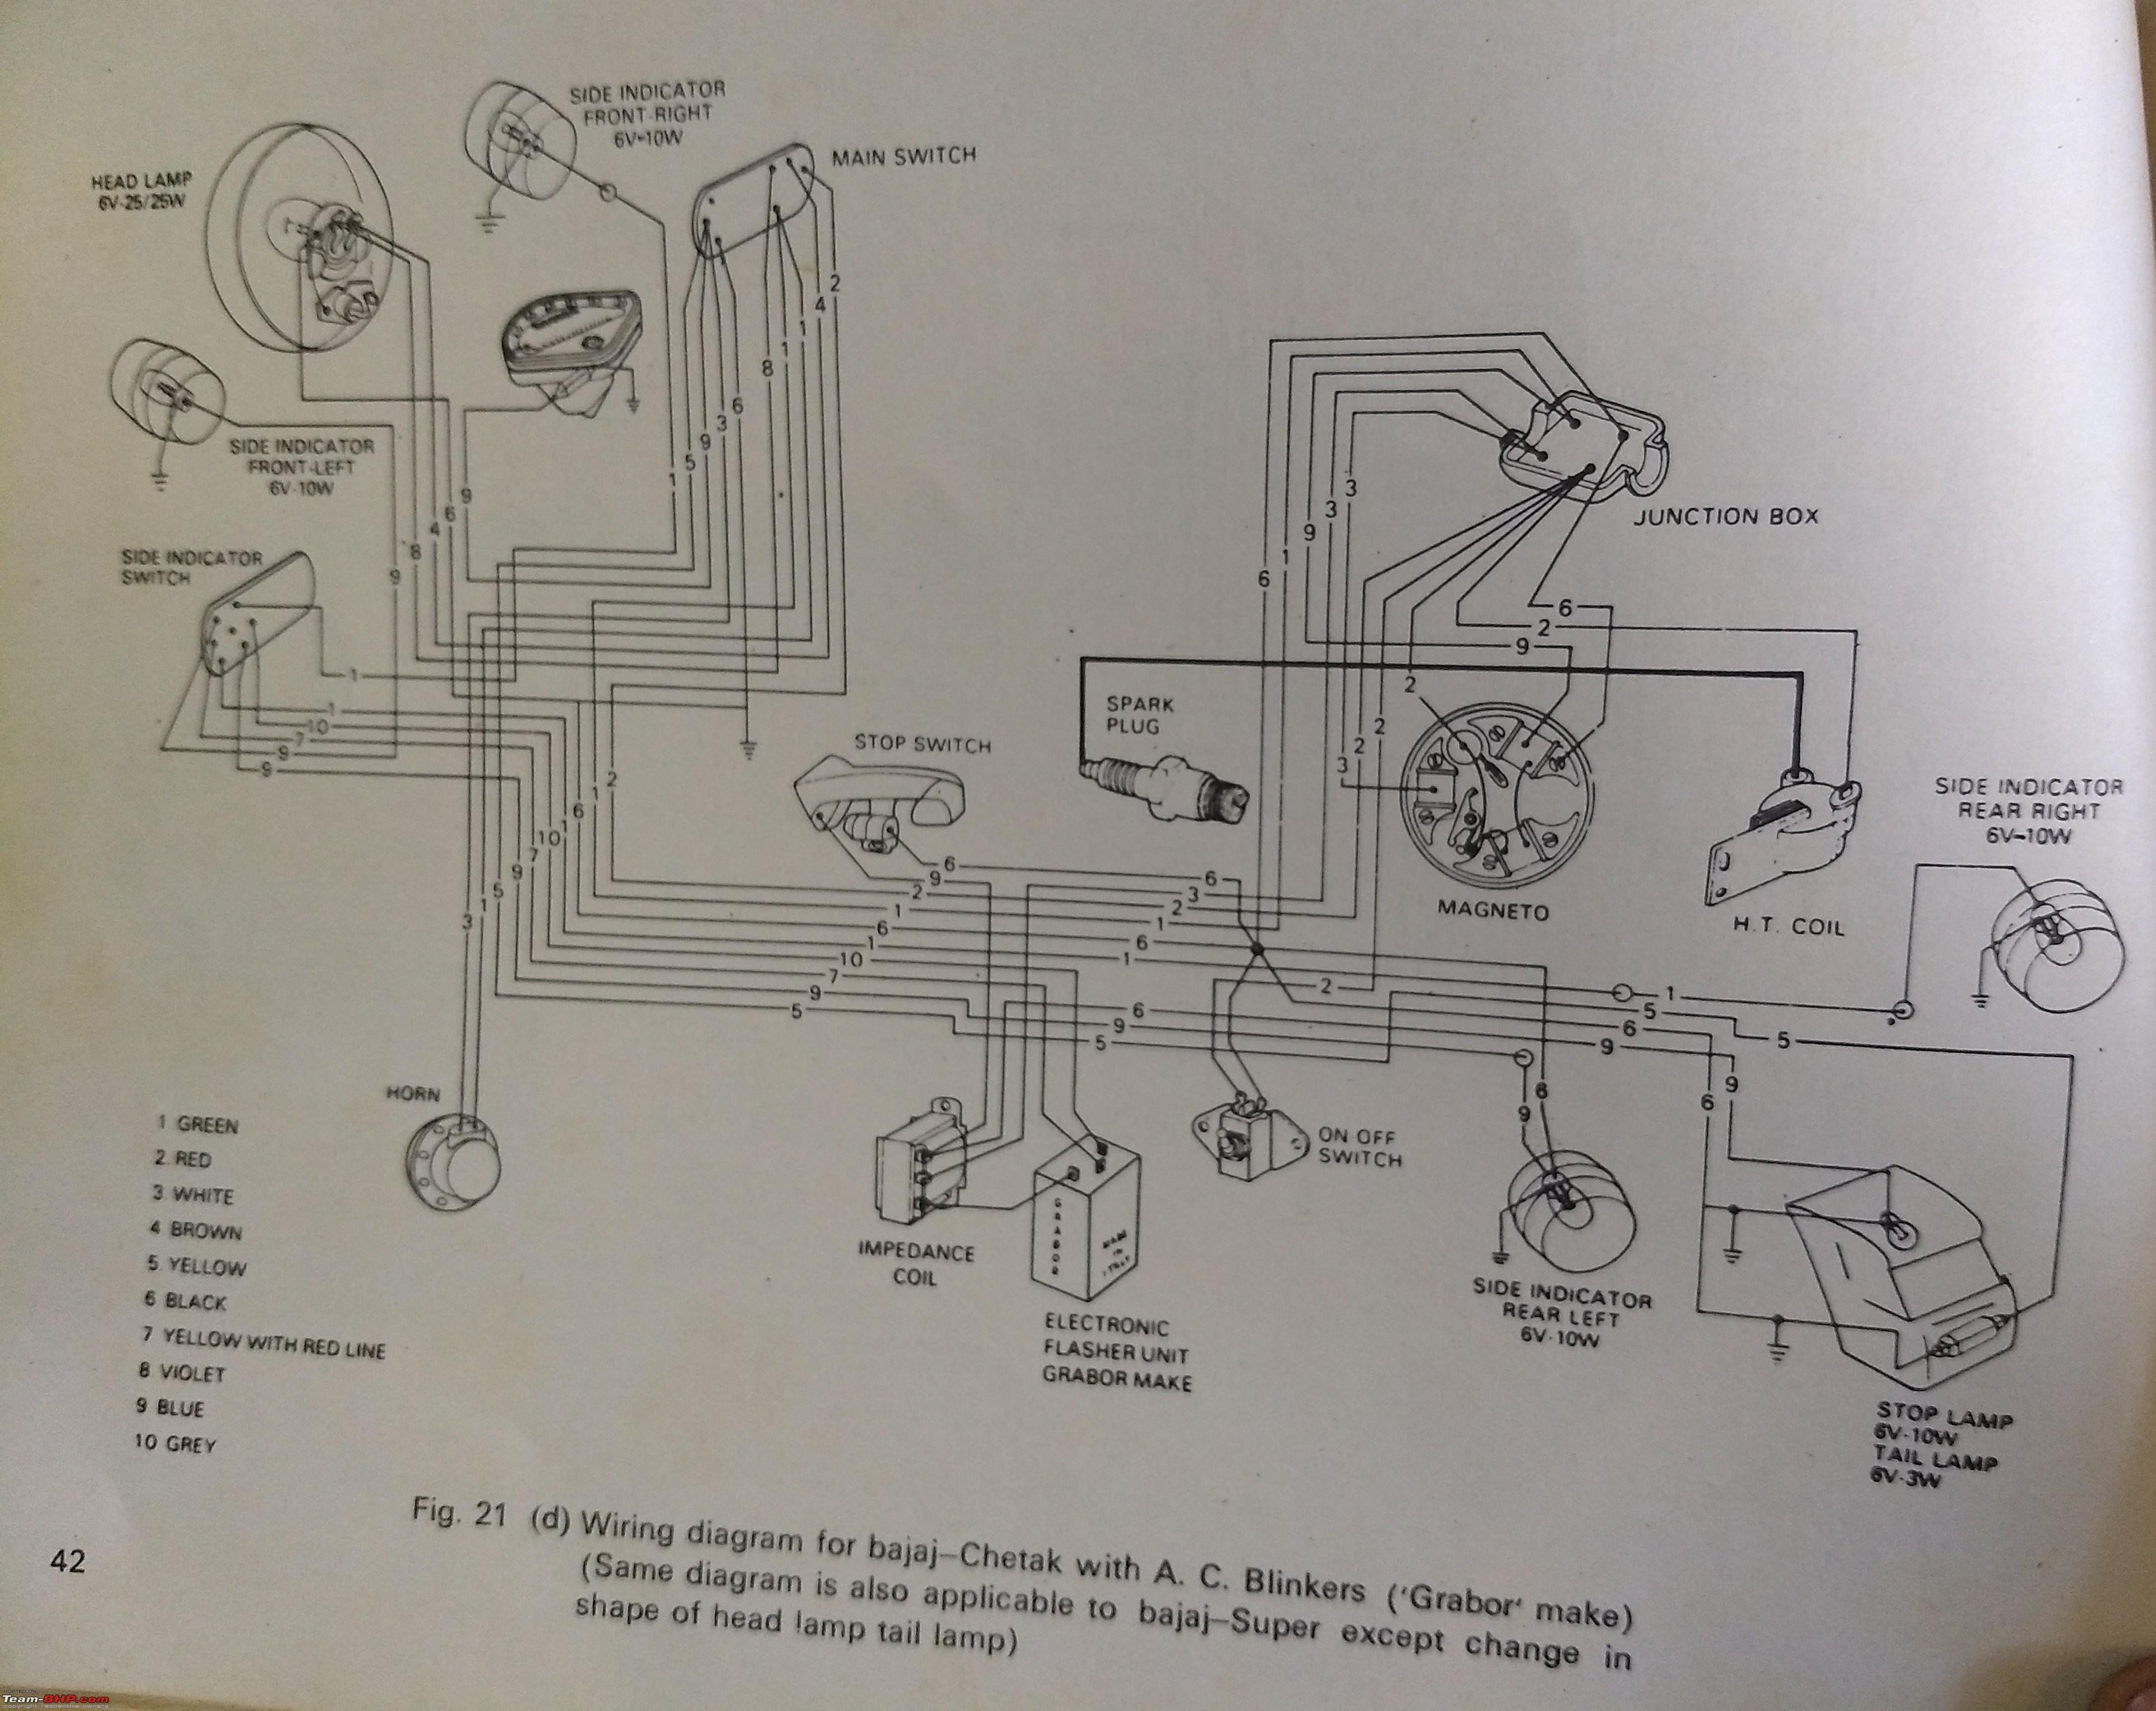 Strange Wiring Diagrams Of Indian Two Wheelers Team Bhp Wiring Cloud Waroletkolfr09Org